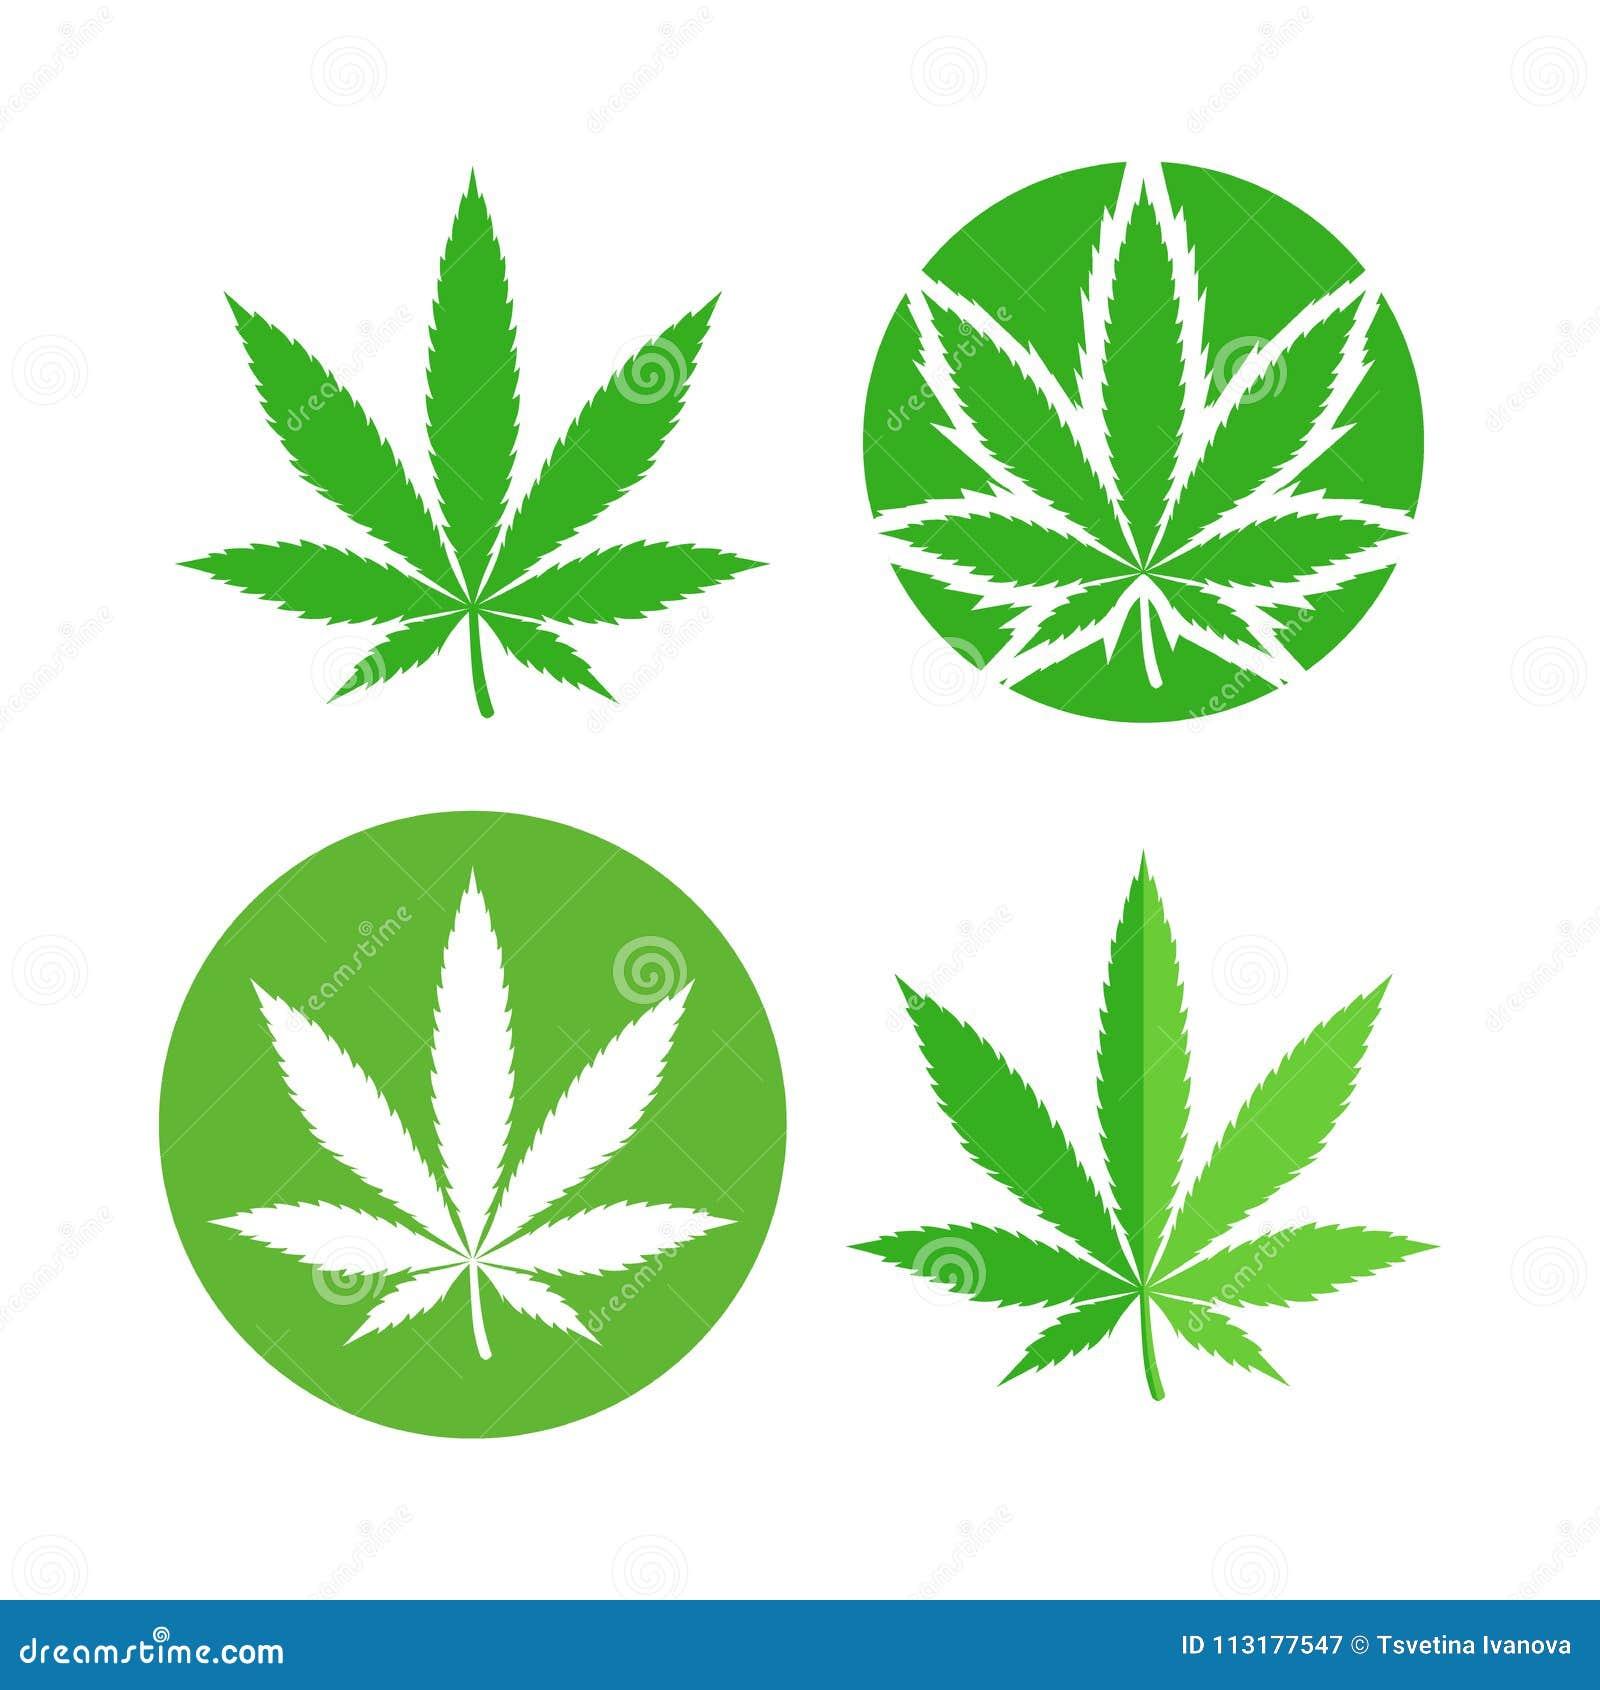 Символ конопли значками боб марли и марихуана